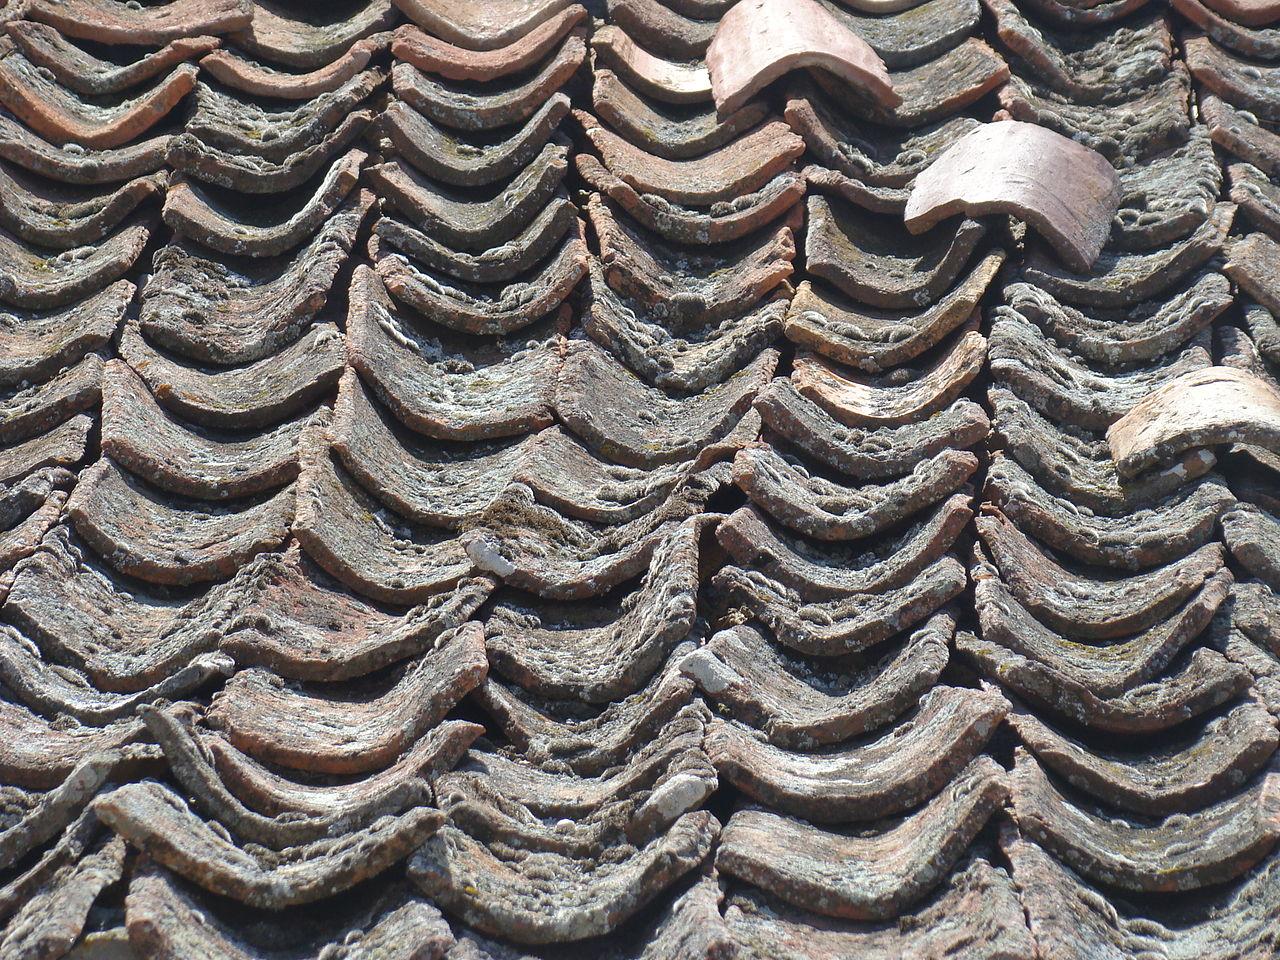 Tejados segovianos o tejados a la segoviana diversos for Clases de tejas y precios